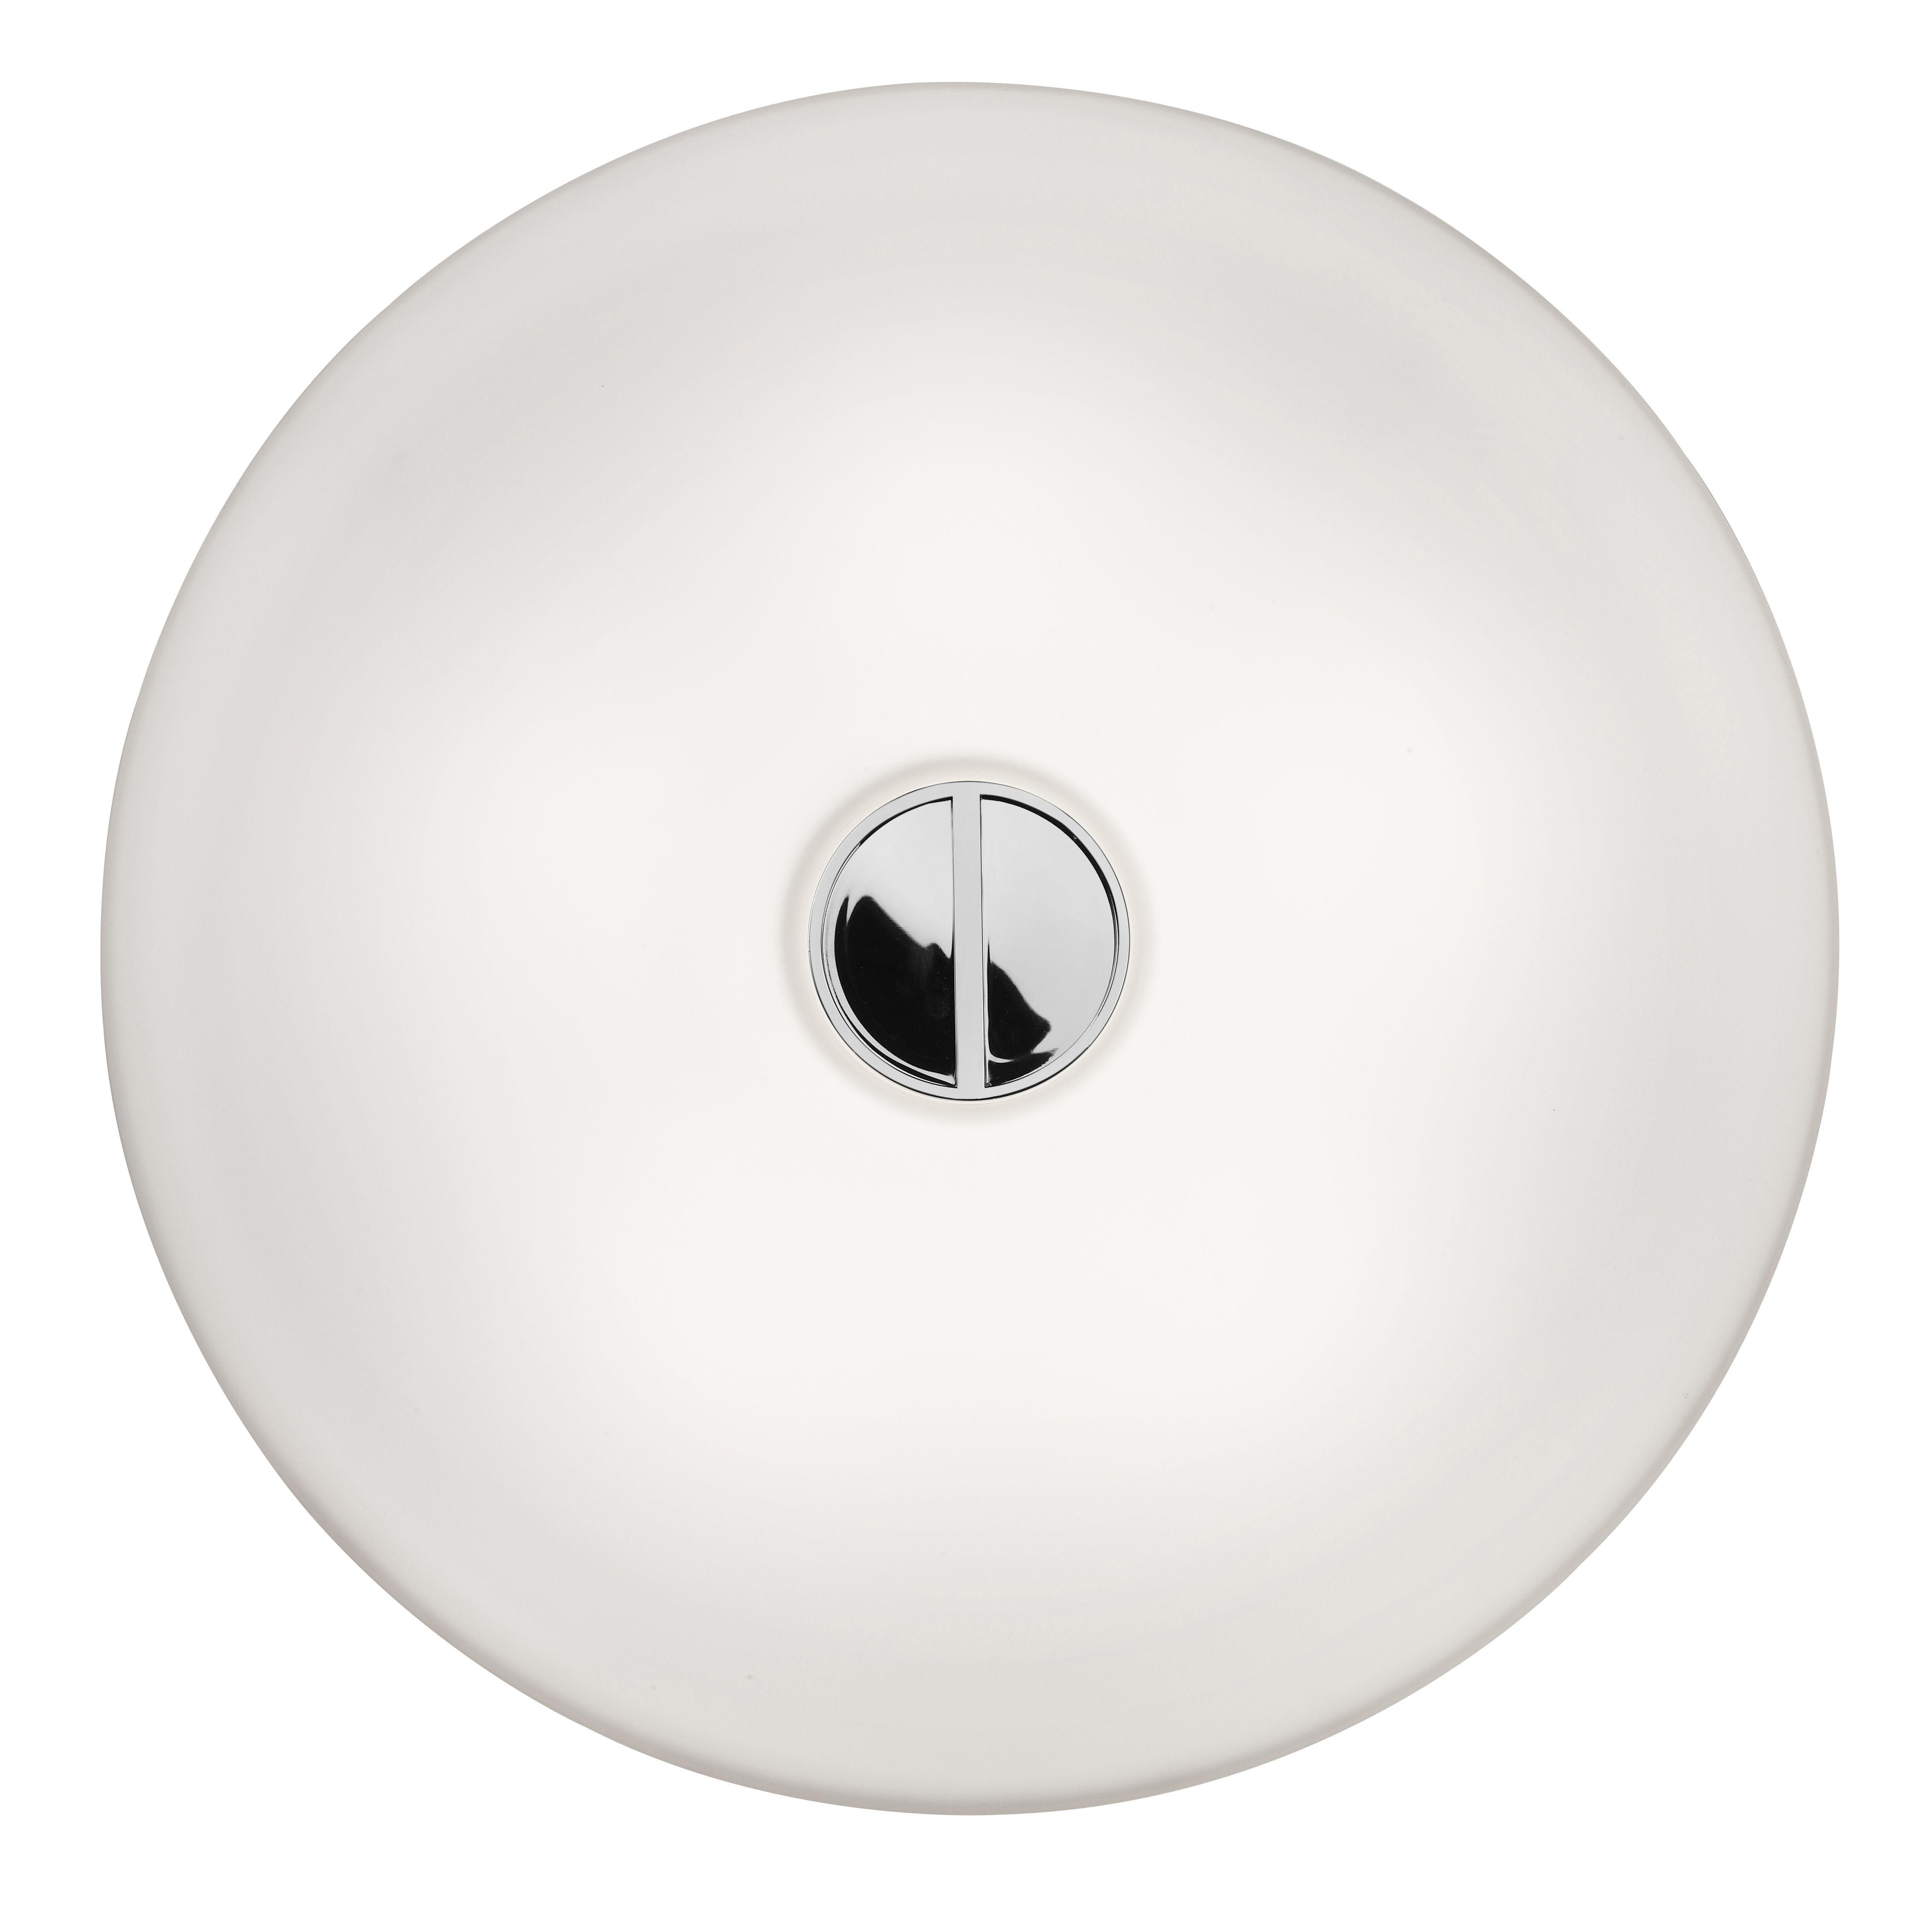 Leuchten - Wandleuchten - Button Outdoor-Wandleuchte Deckenleuchte – Glasversion - Flos - Weißes Glas - Glas